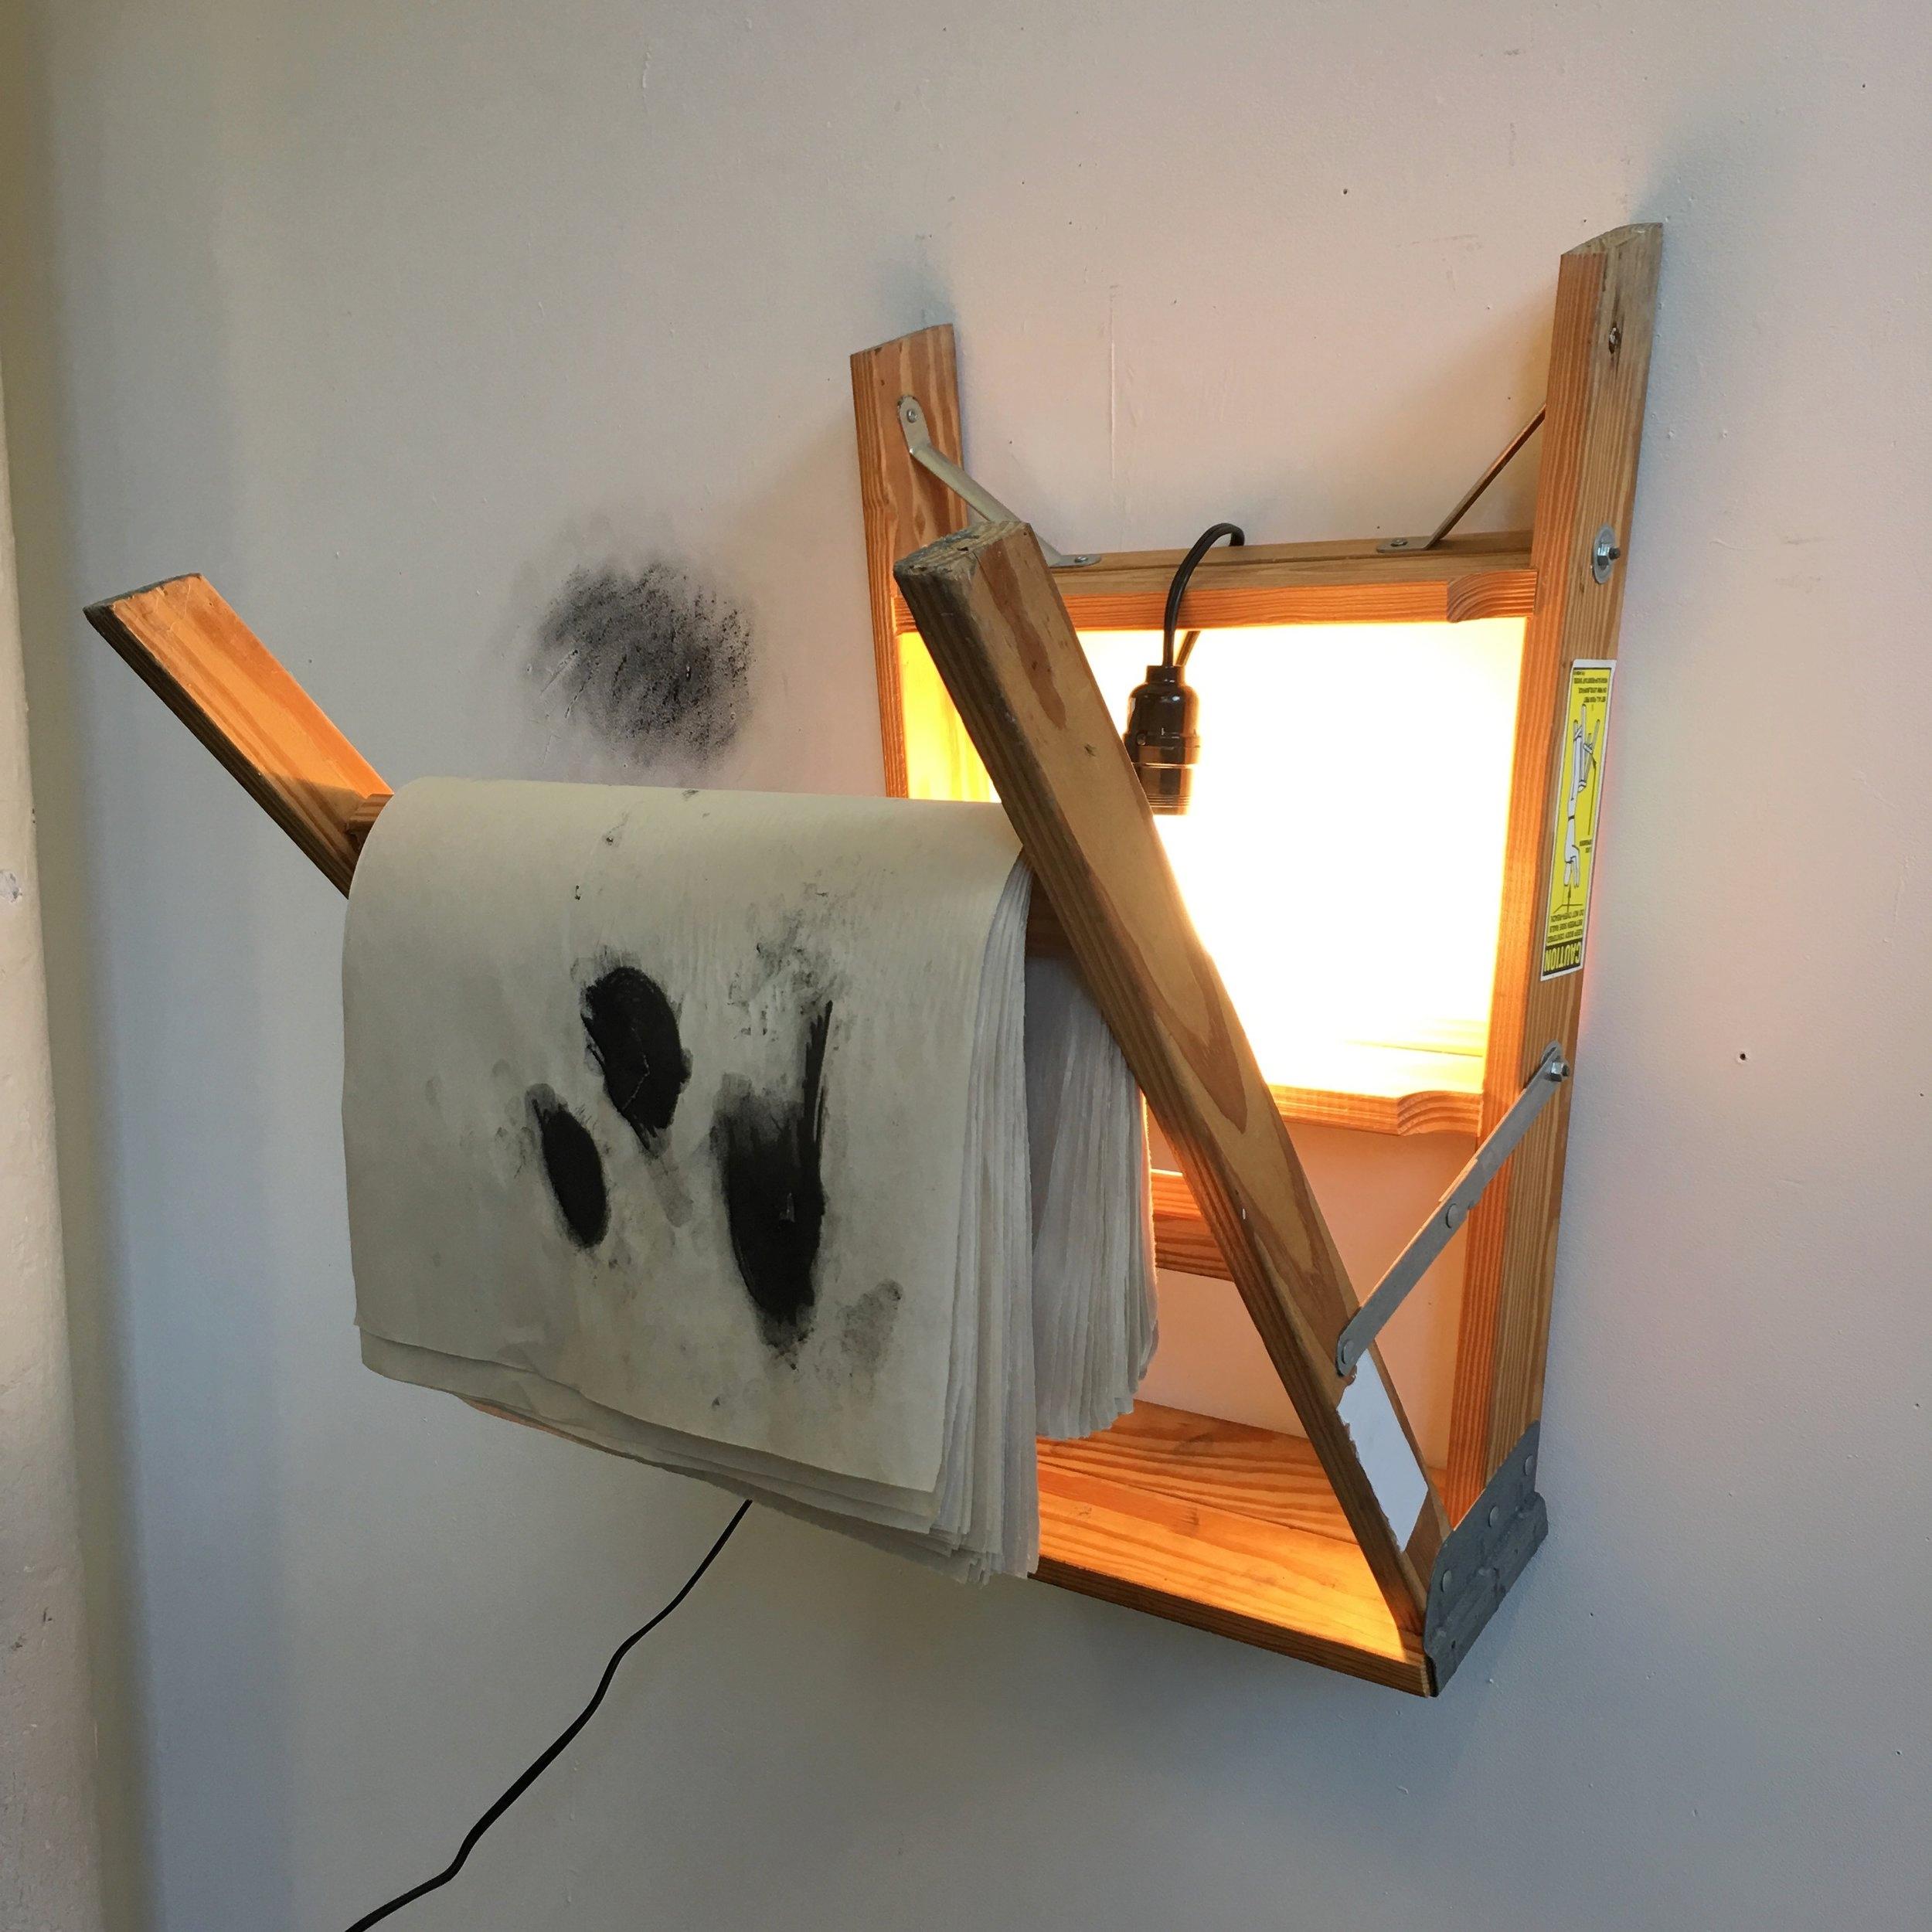 work by Jonathan Herrera